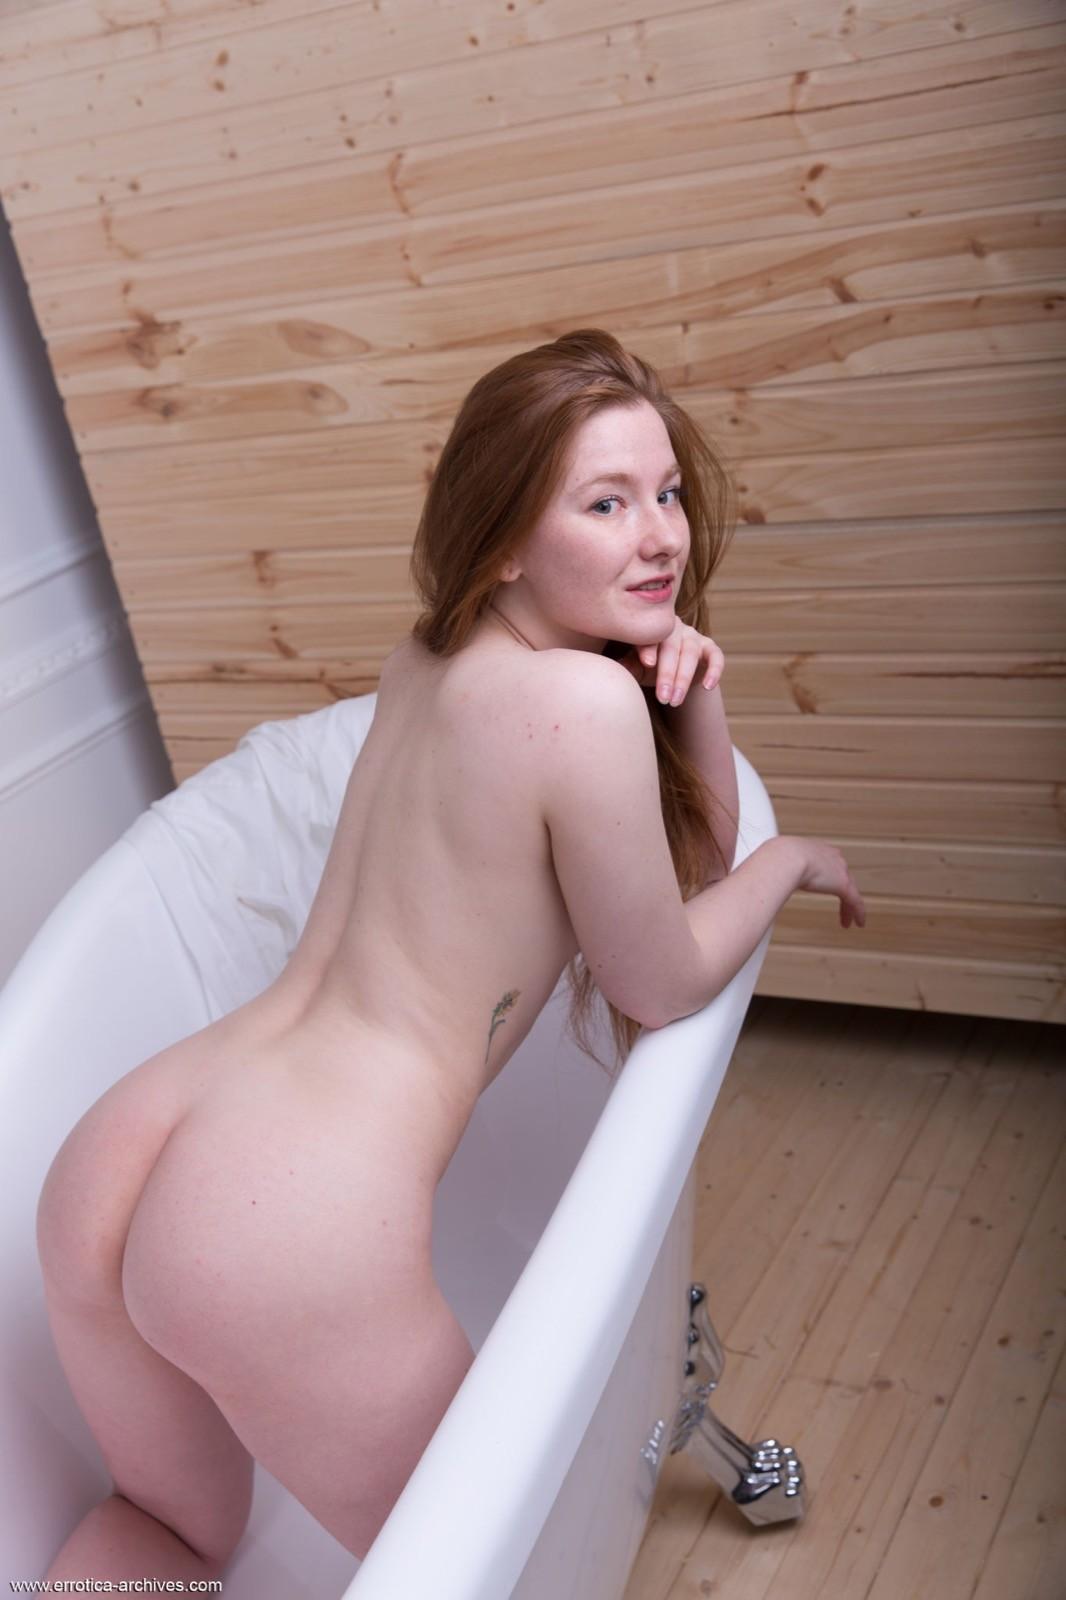 Рыжая девушка в ванной комнате - фото